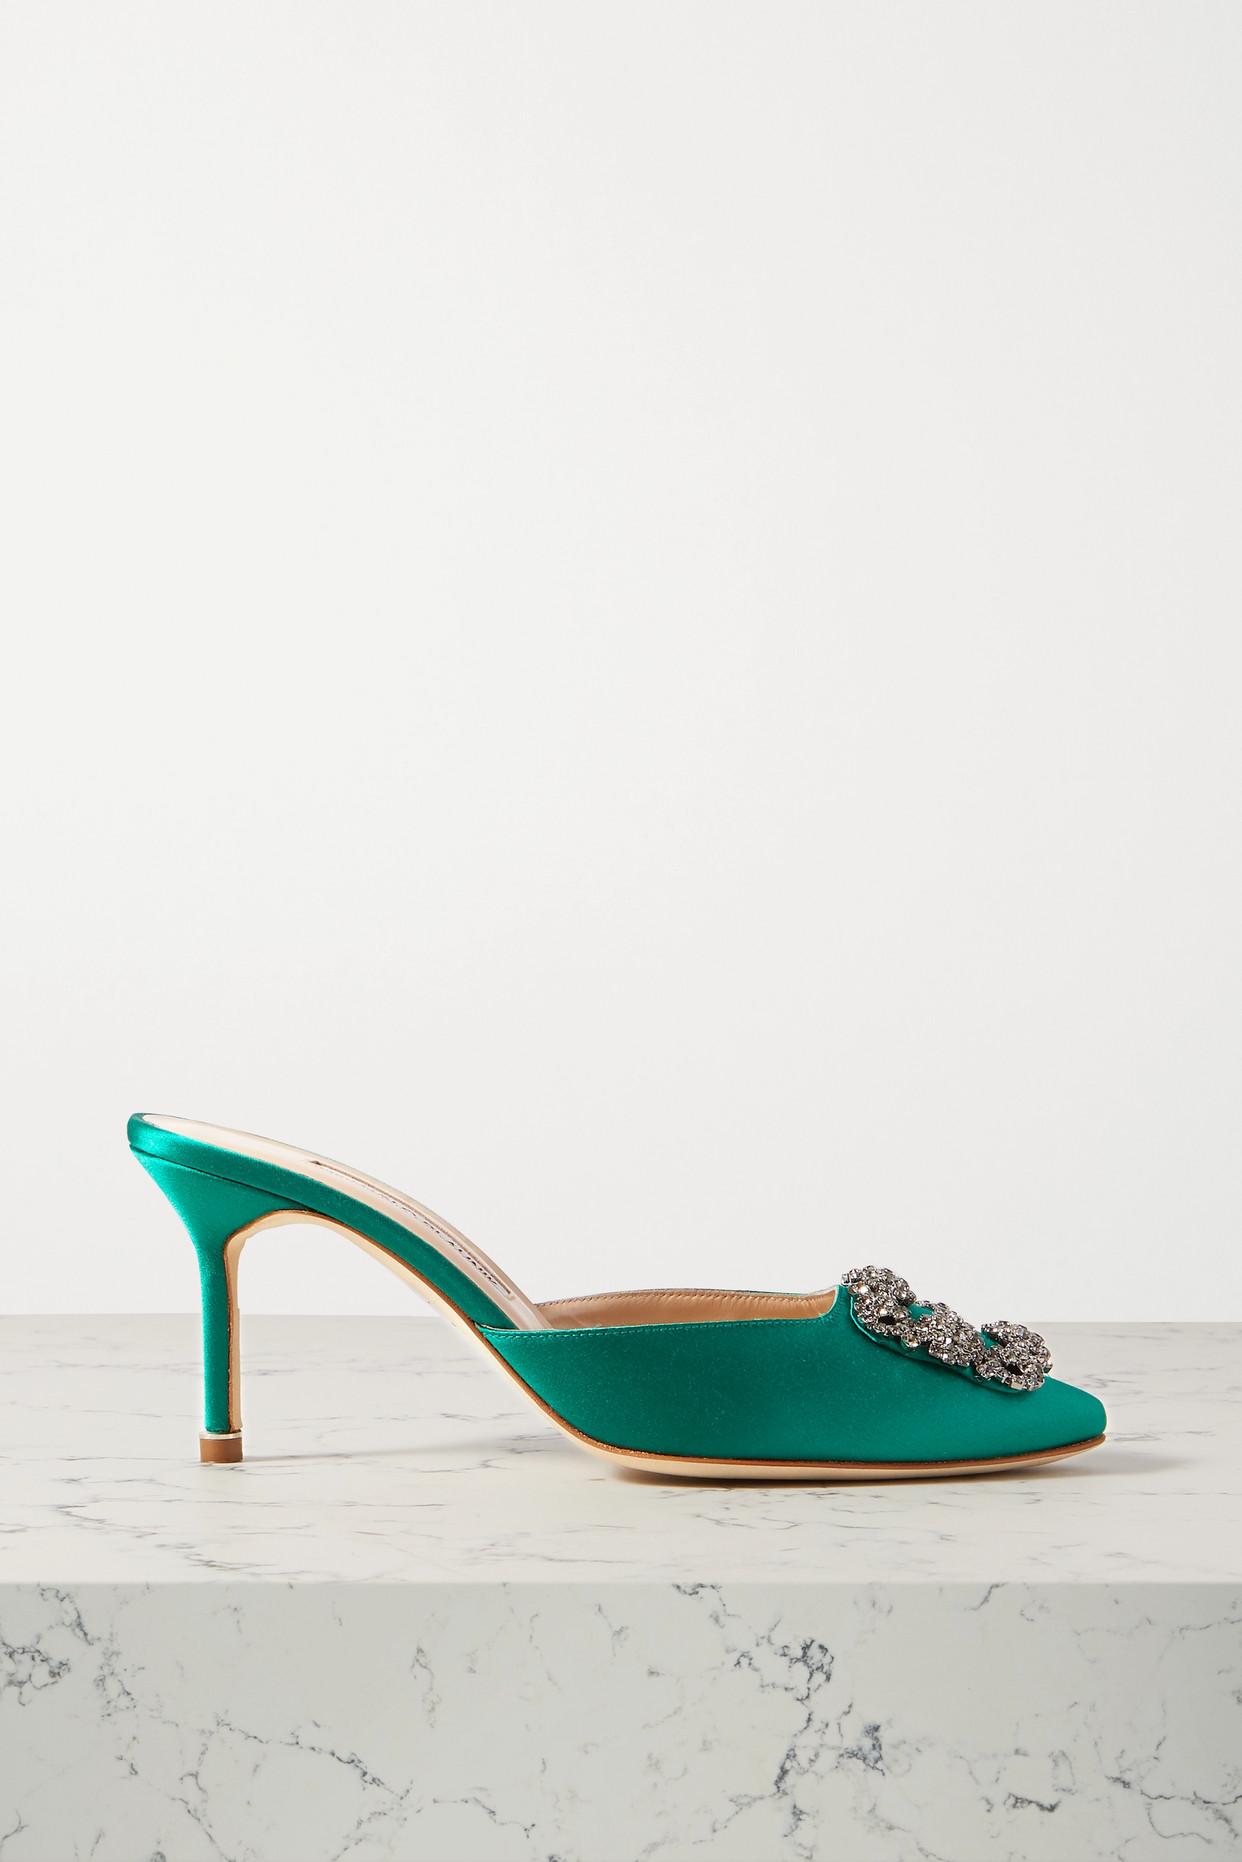 MANOLO BLAHNIK - Hangisimu Embellished Satin Mules - Green - IT37.5